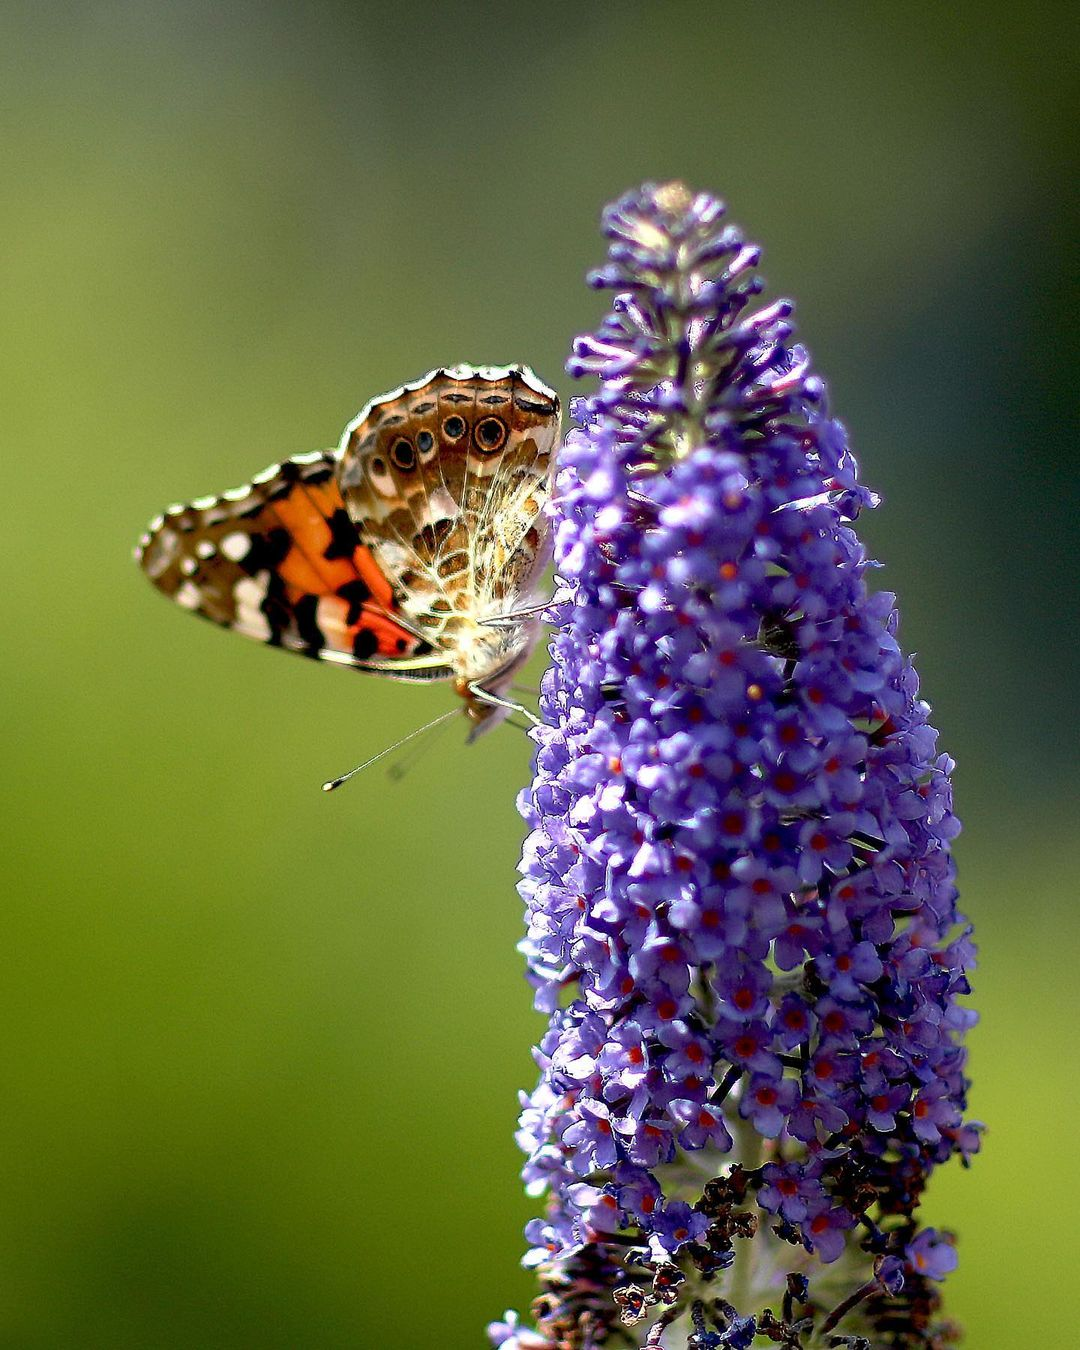 принцесса шарлотта 6 лет свежее фото бабочки в саду